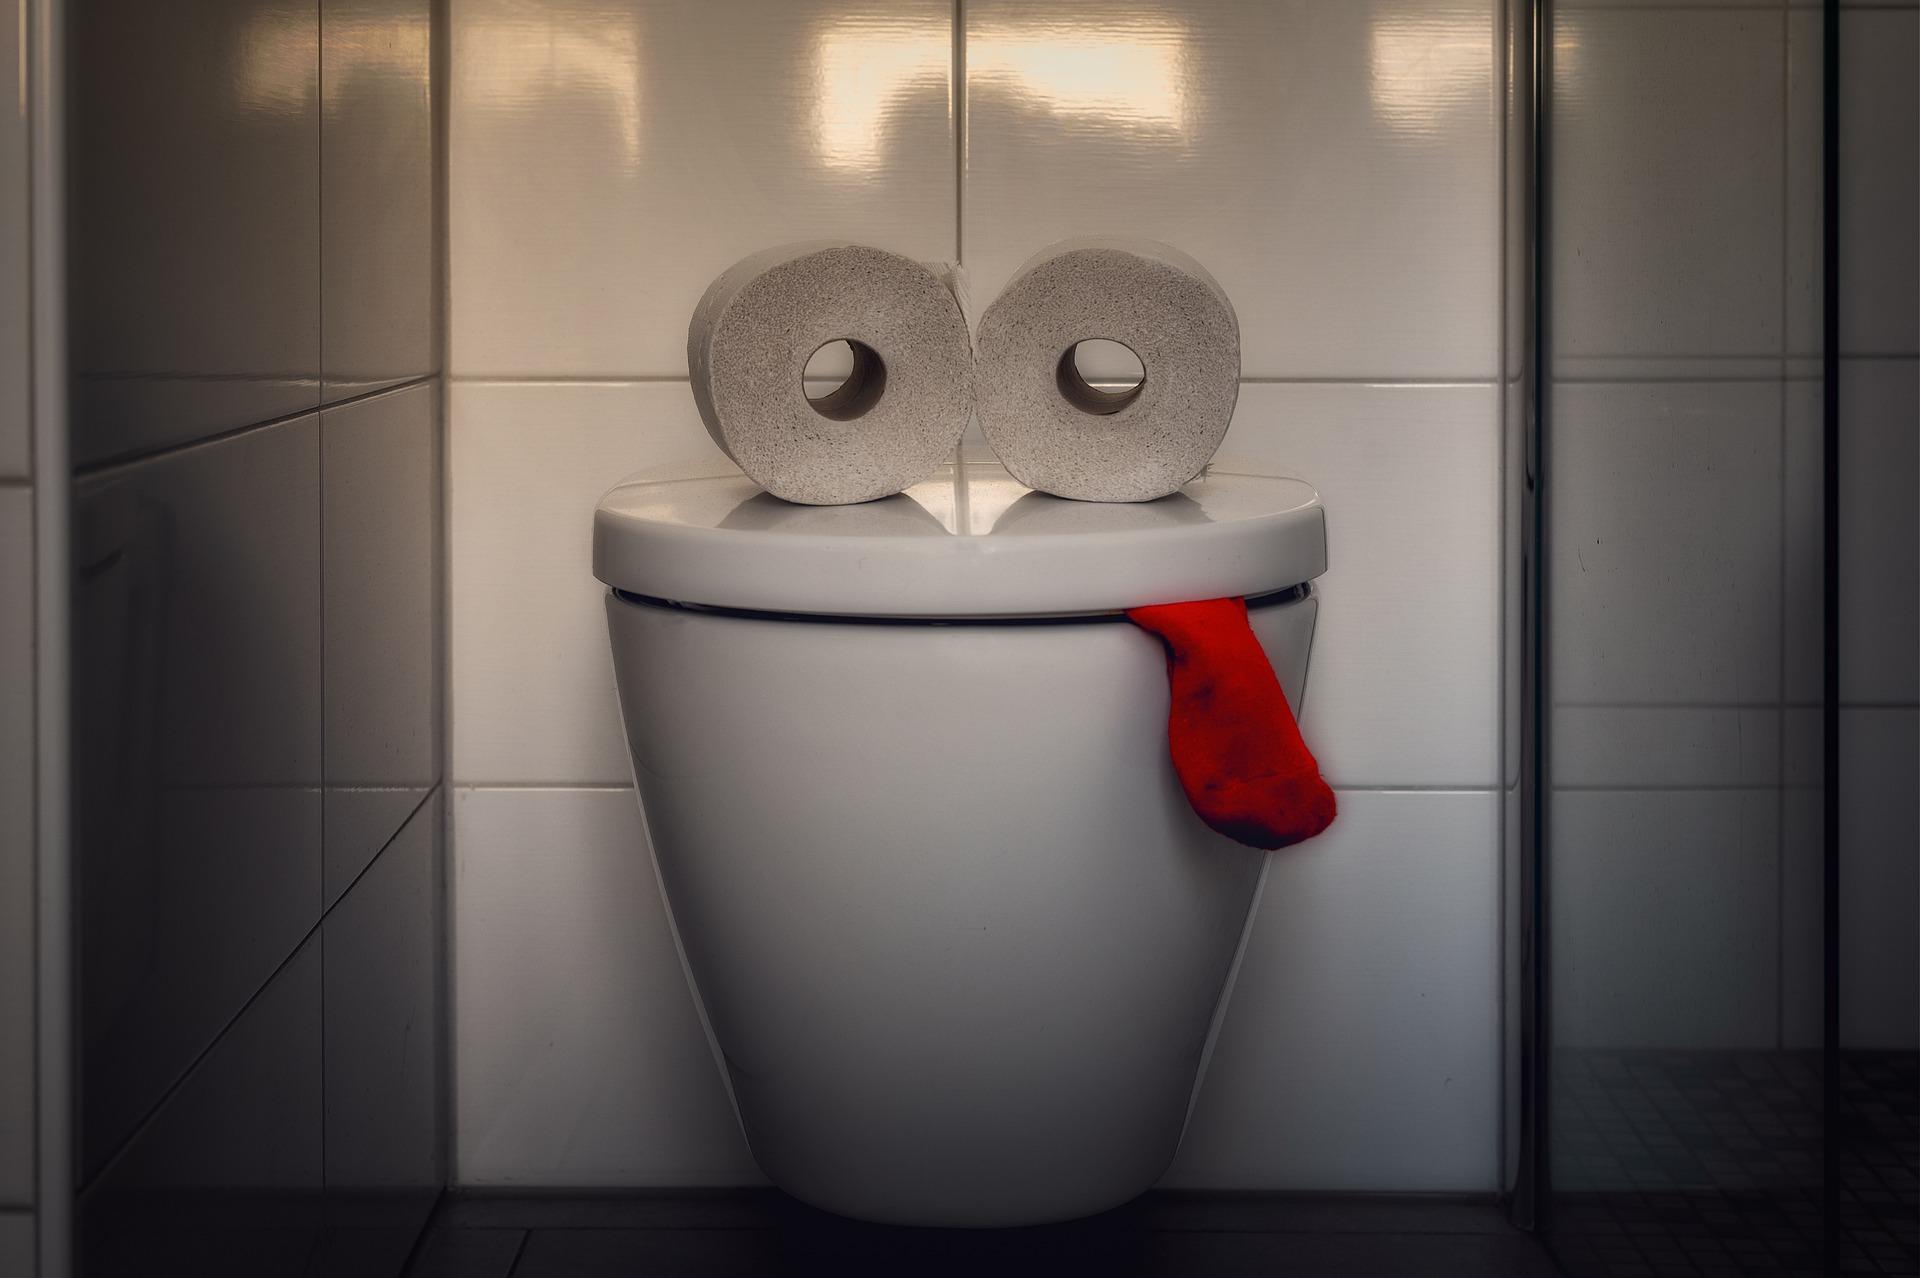 פח אשפה לשירותים